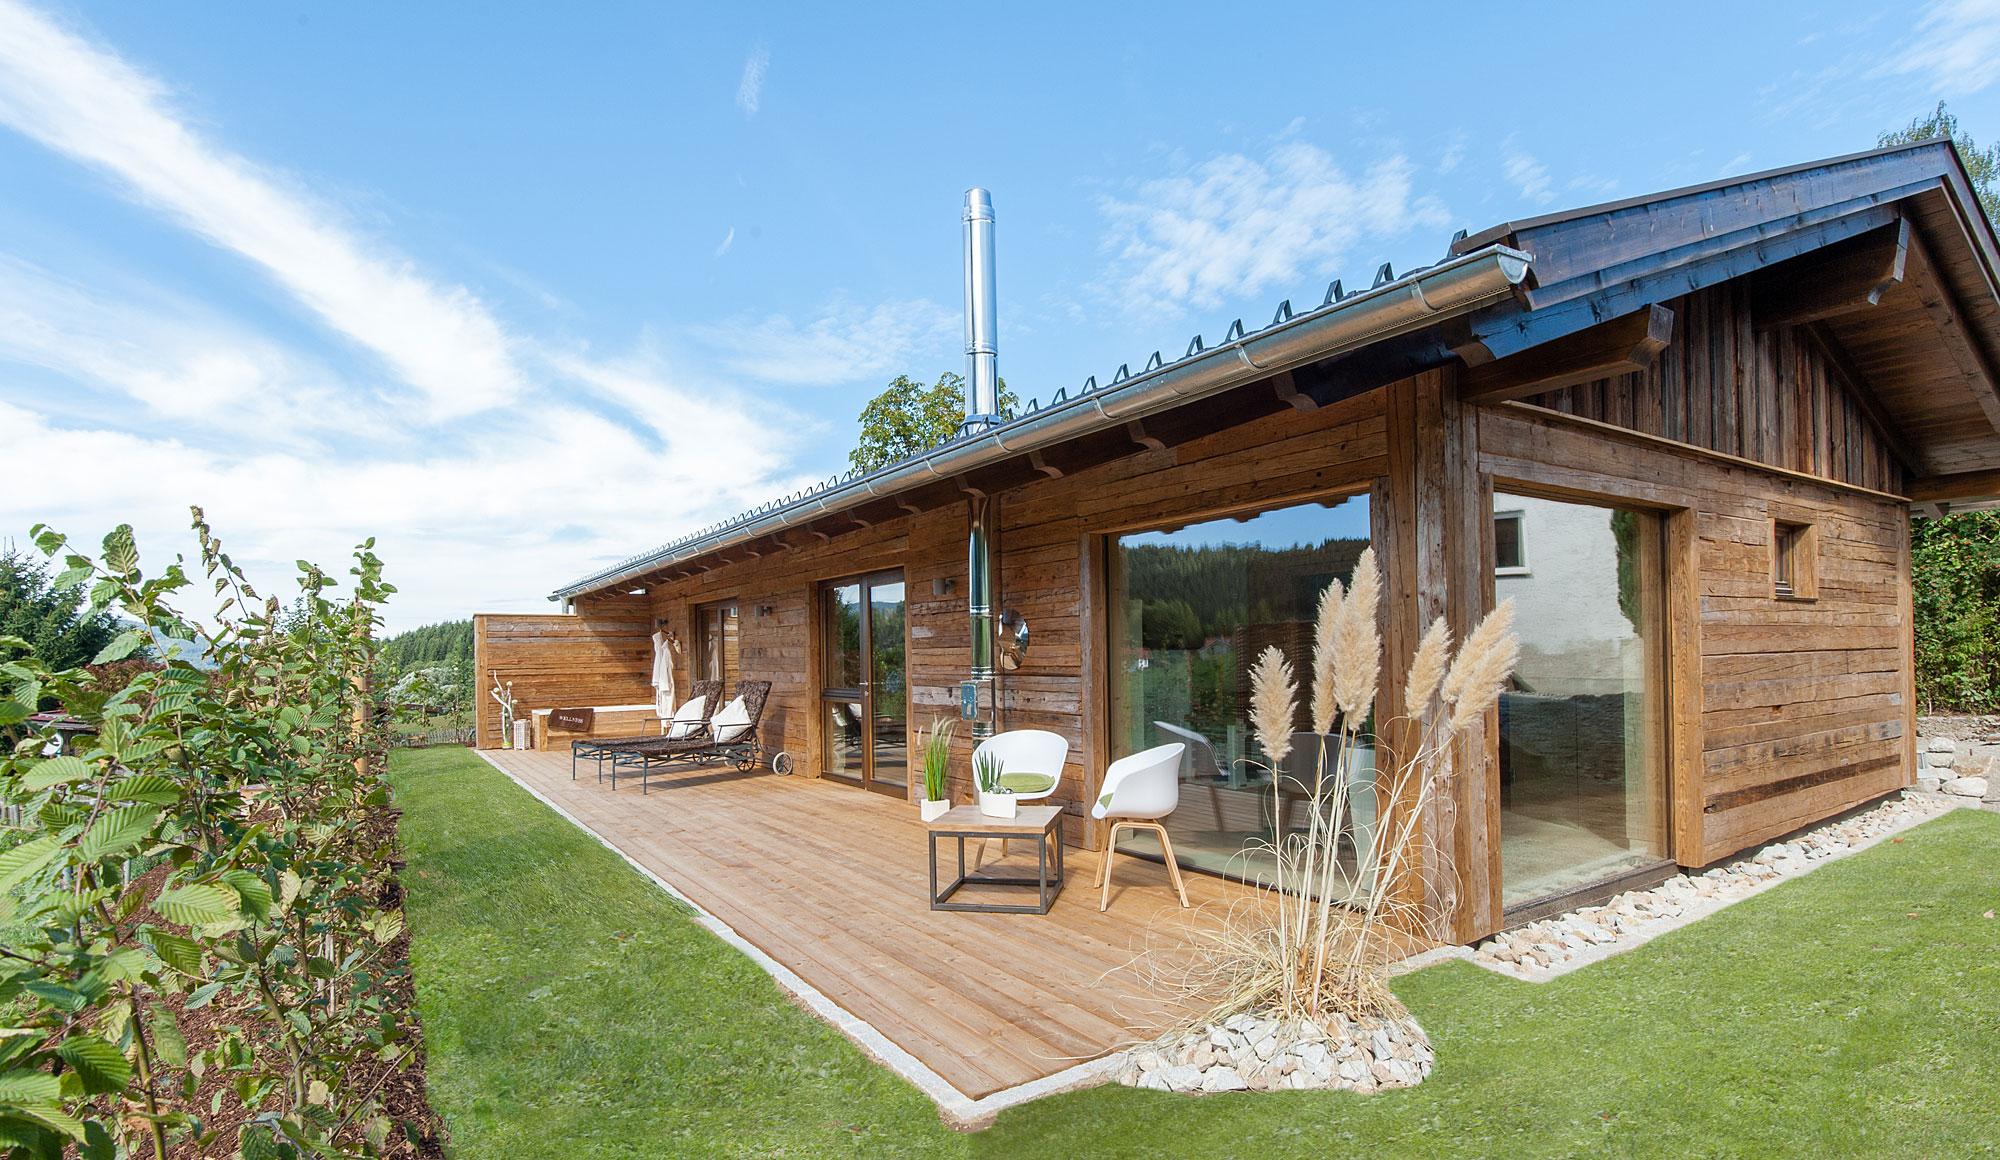 Luxus Chalets im Bayerischen Wald - moderne Chalets mit ...